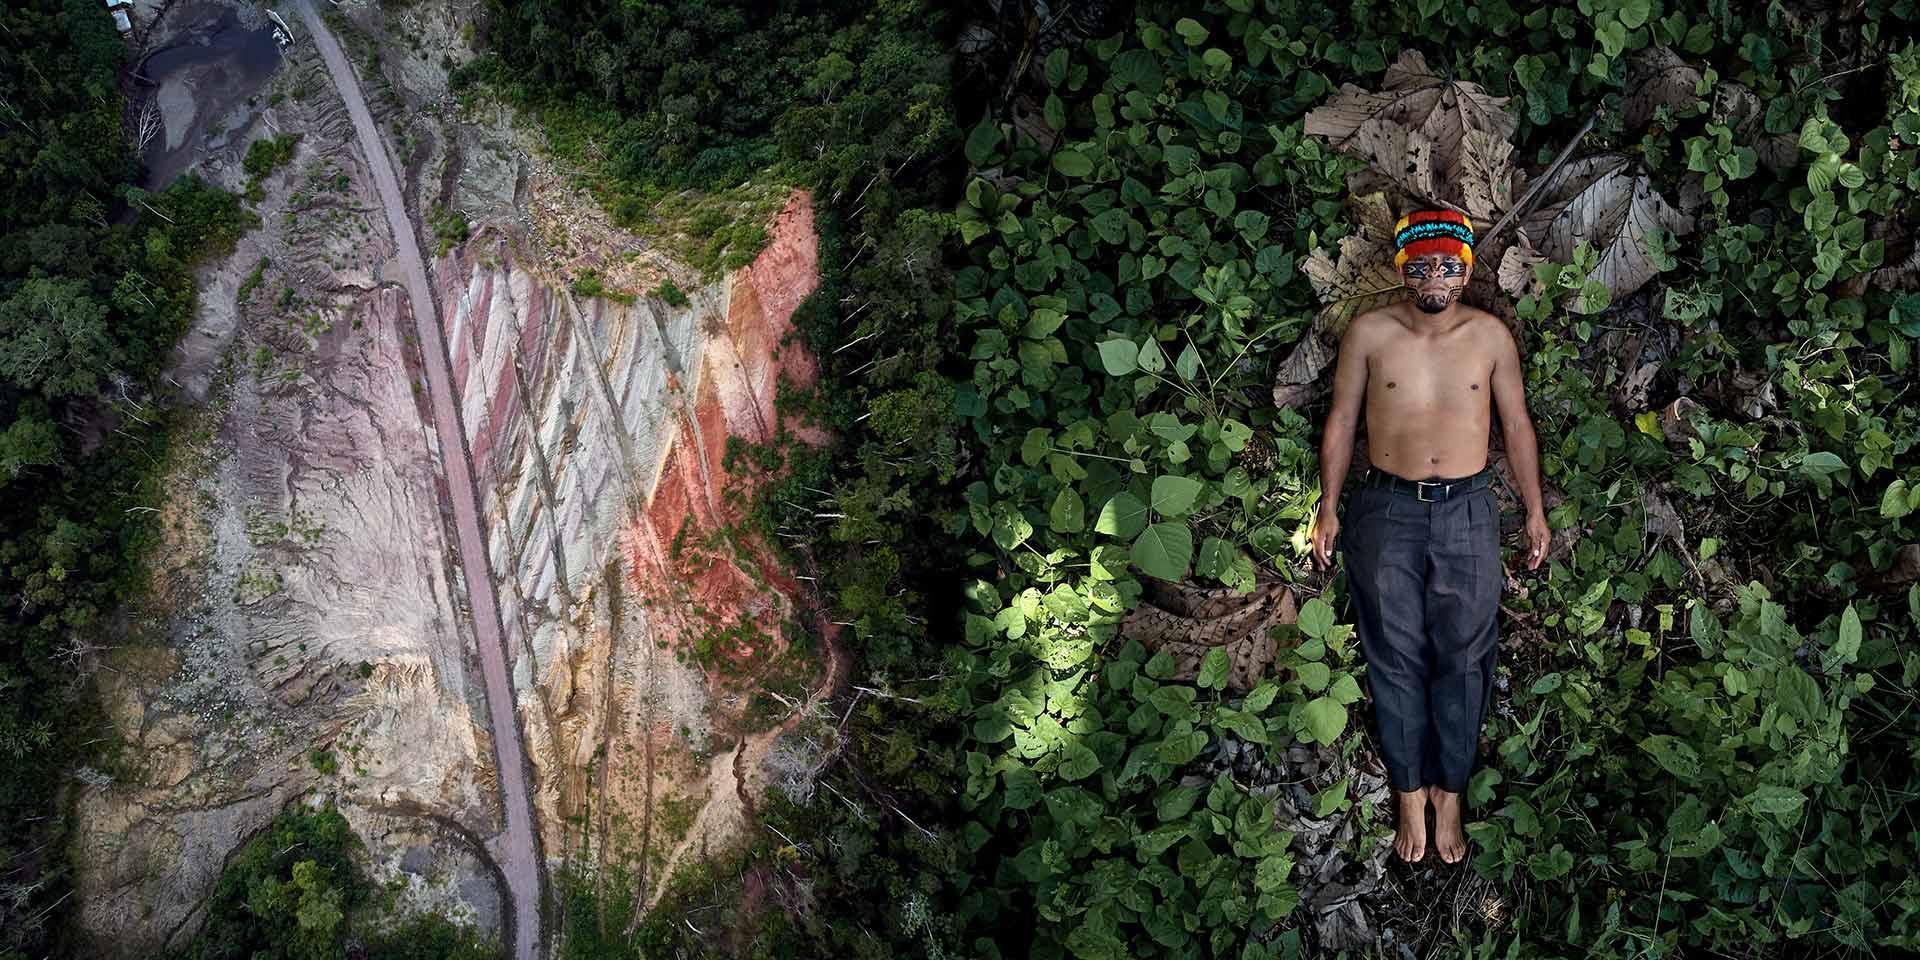 Persona con indosso il costume tradizionale sdraiata a terra accanto ad una foresta